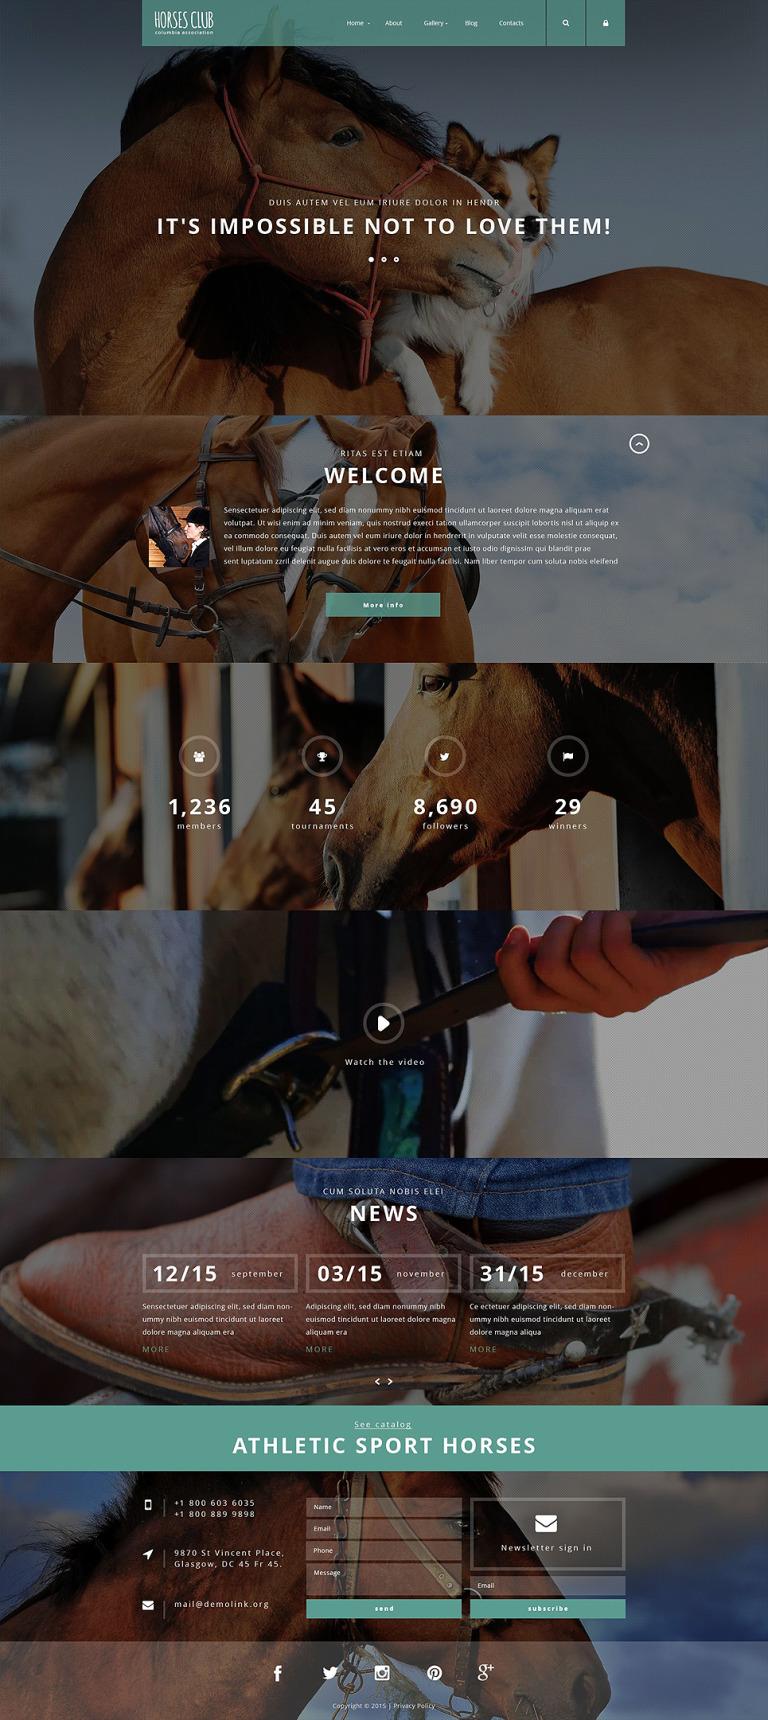 Horses Club Joomla Template New Screenshots BIG